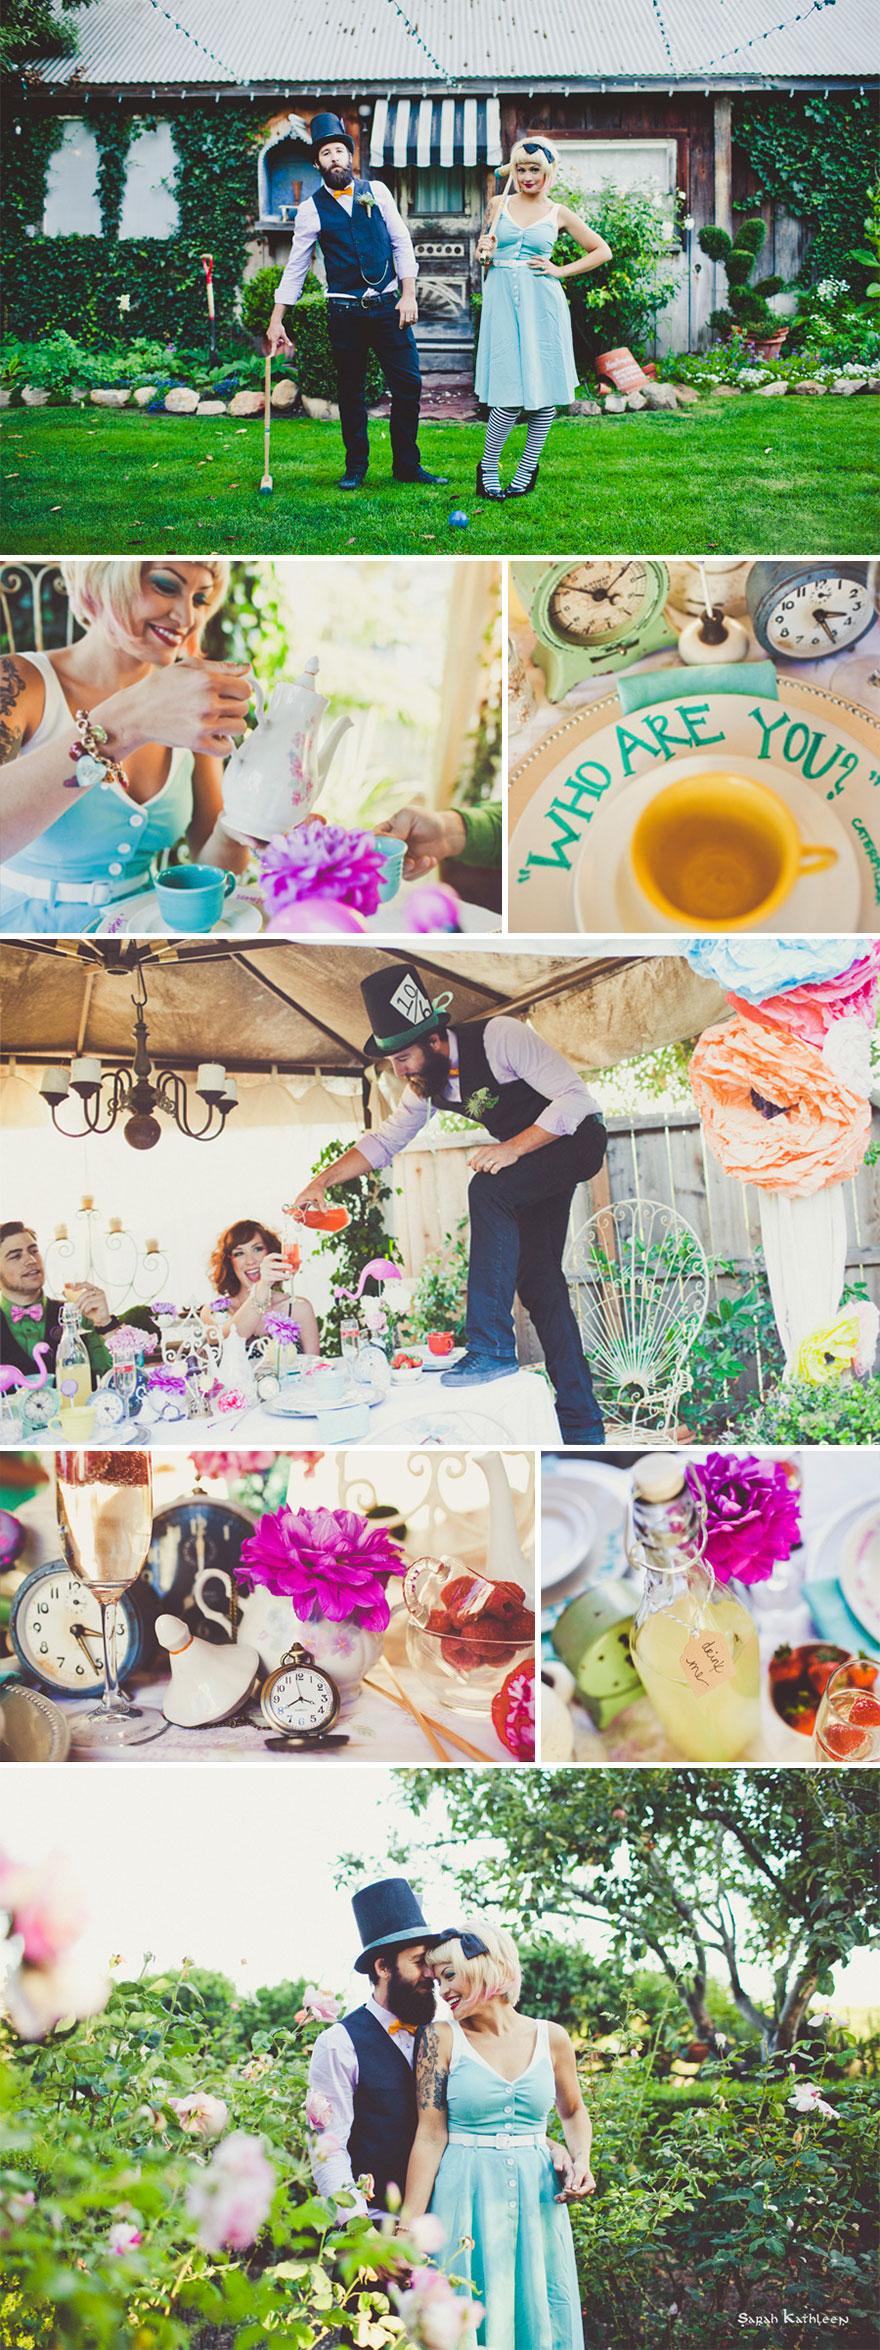 geeky-themed-wedding-13-574422bee5fa0__880